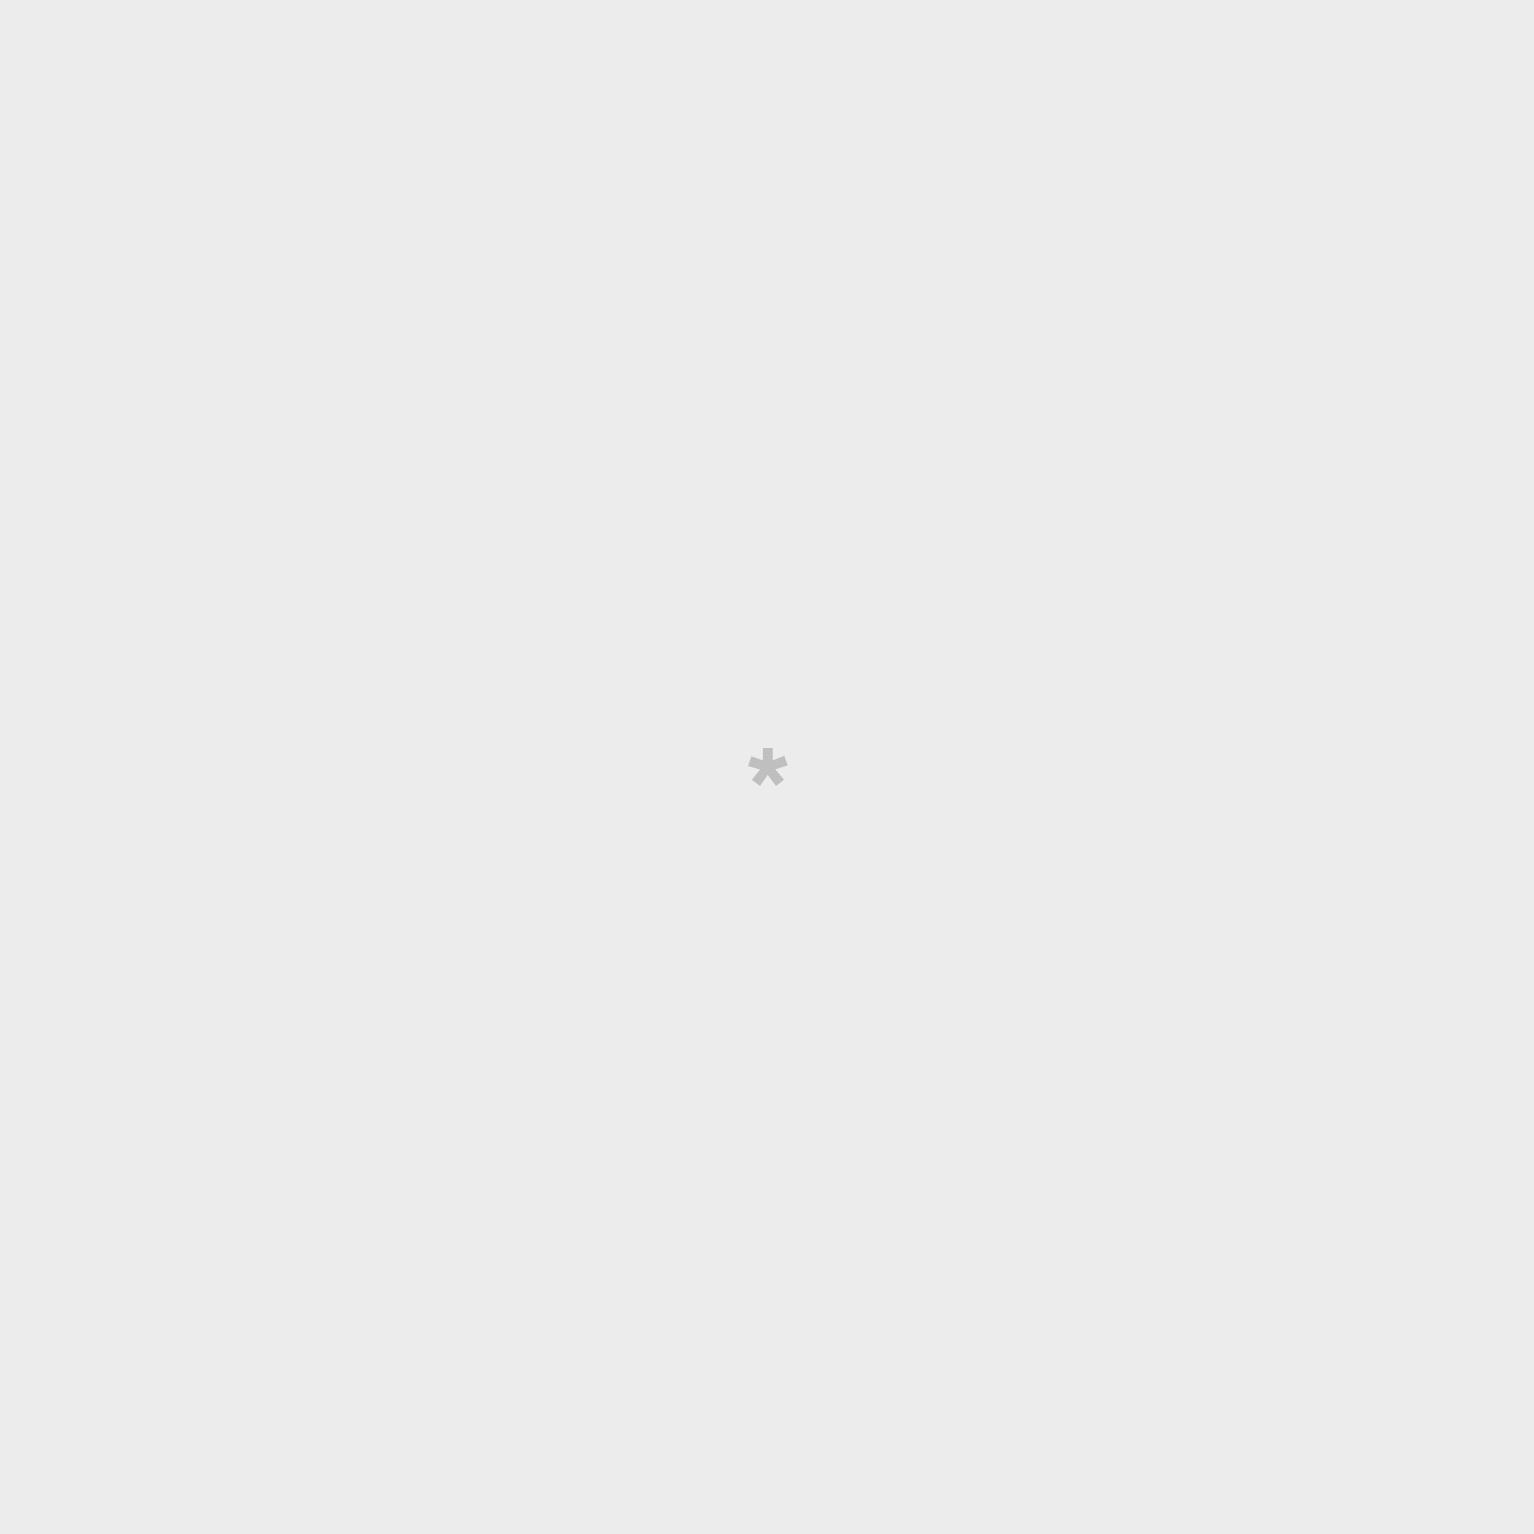 Calendari de paret - El bo i millor comença el 2022